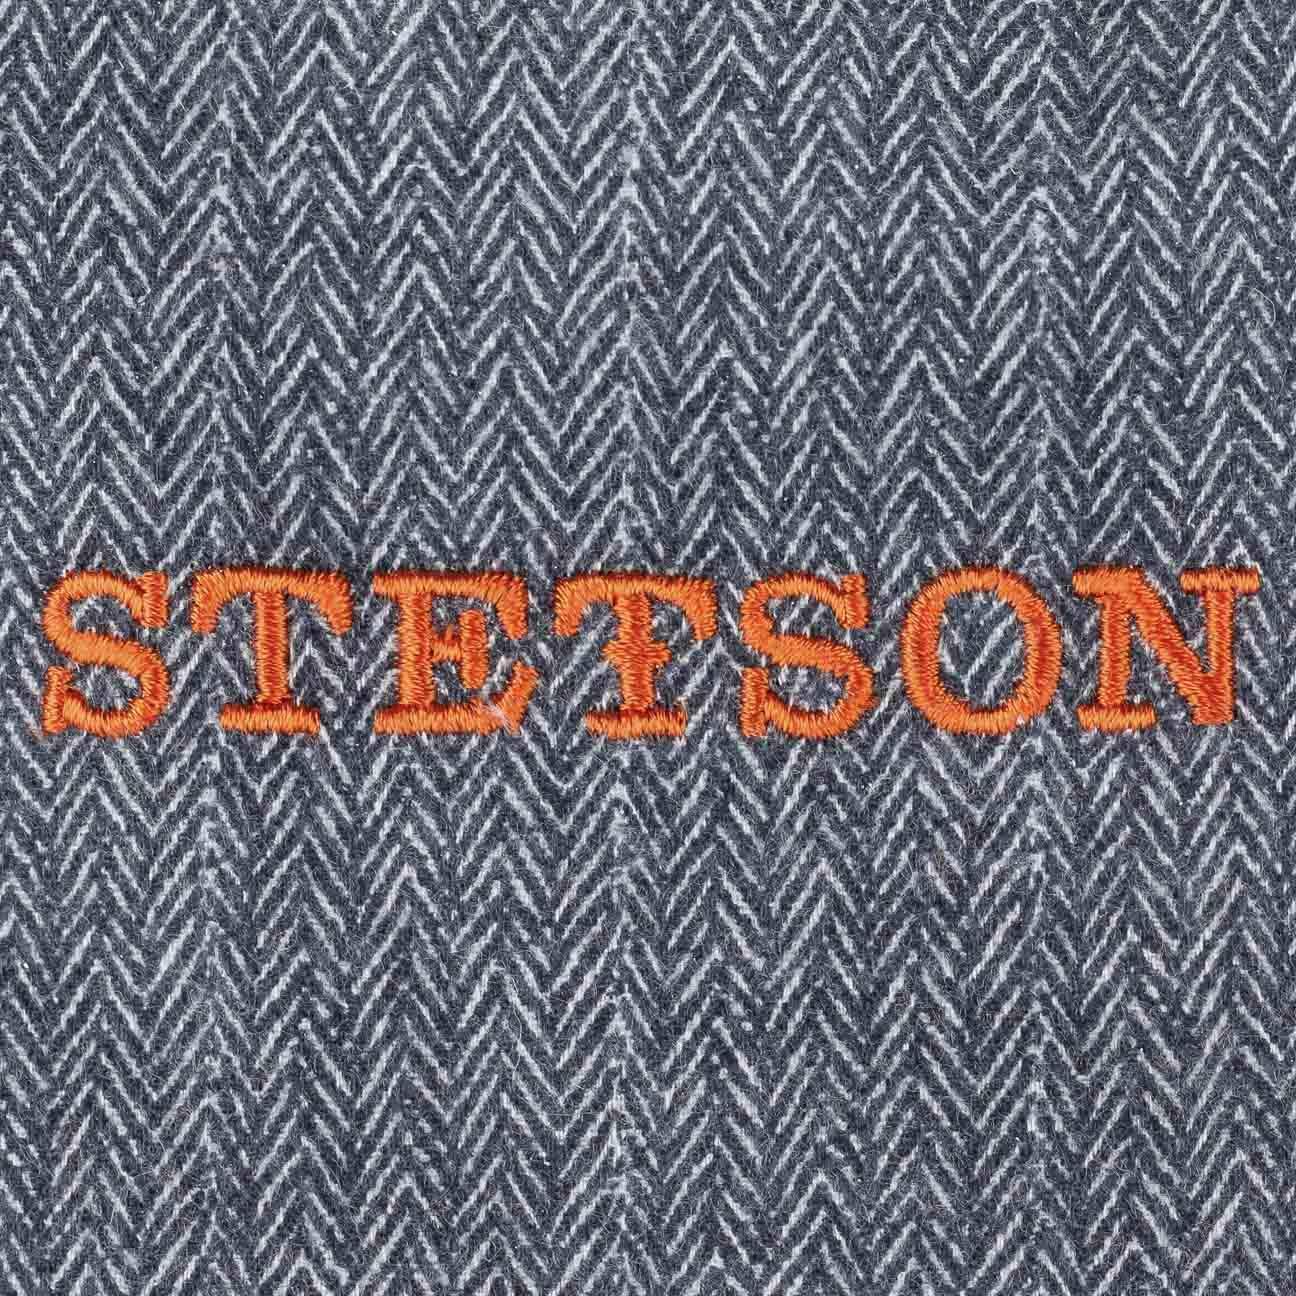 Stetson Coppola Brooklin Wool Cashmere Uomo Made in The EU Cappello Invernale Piatto Cappellino Lana con Visiera Fodera Autunno//Inverno